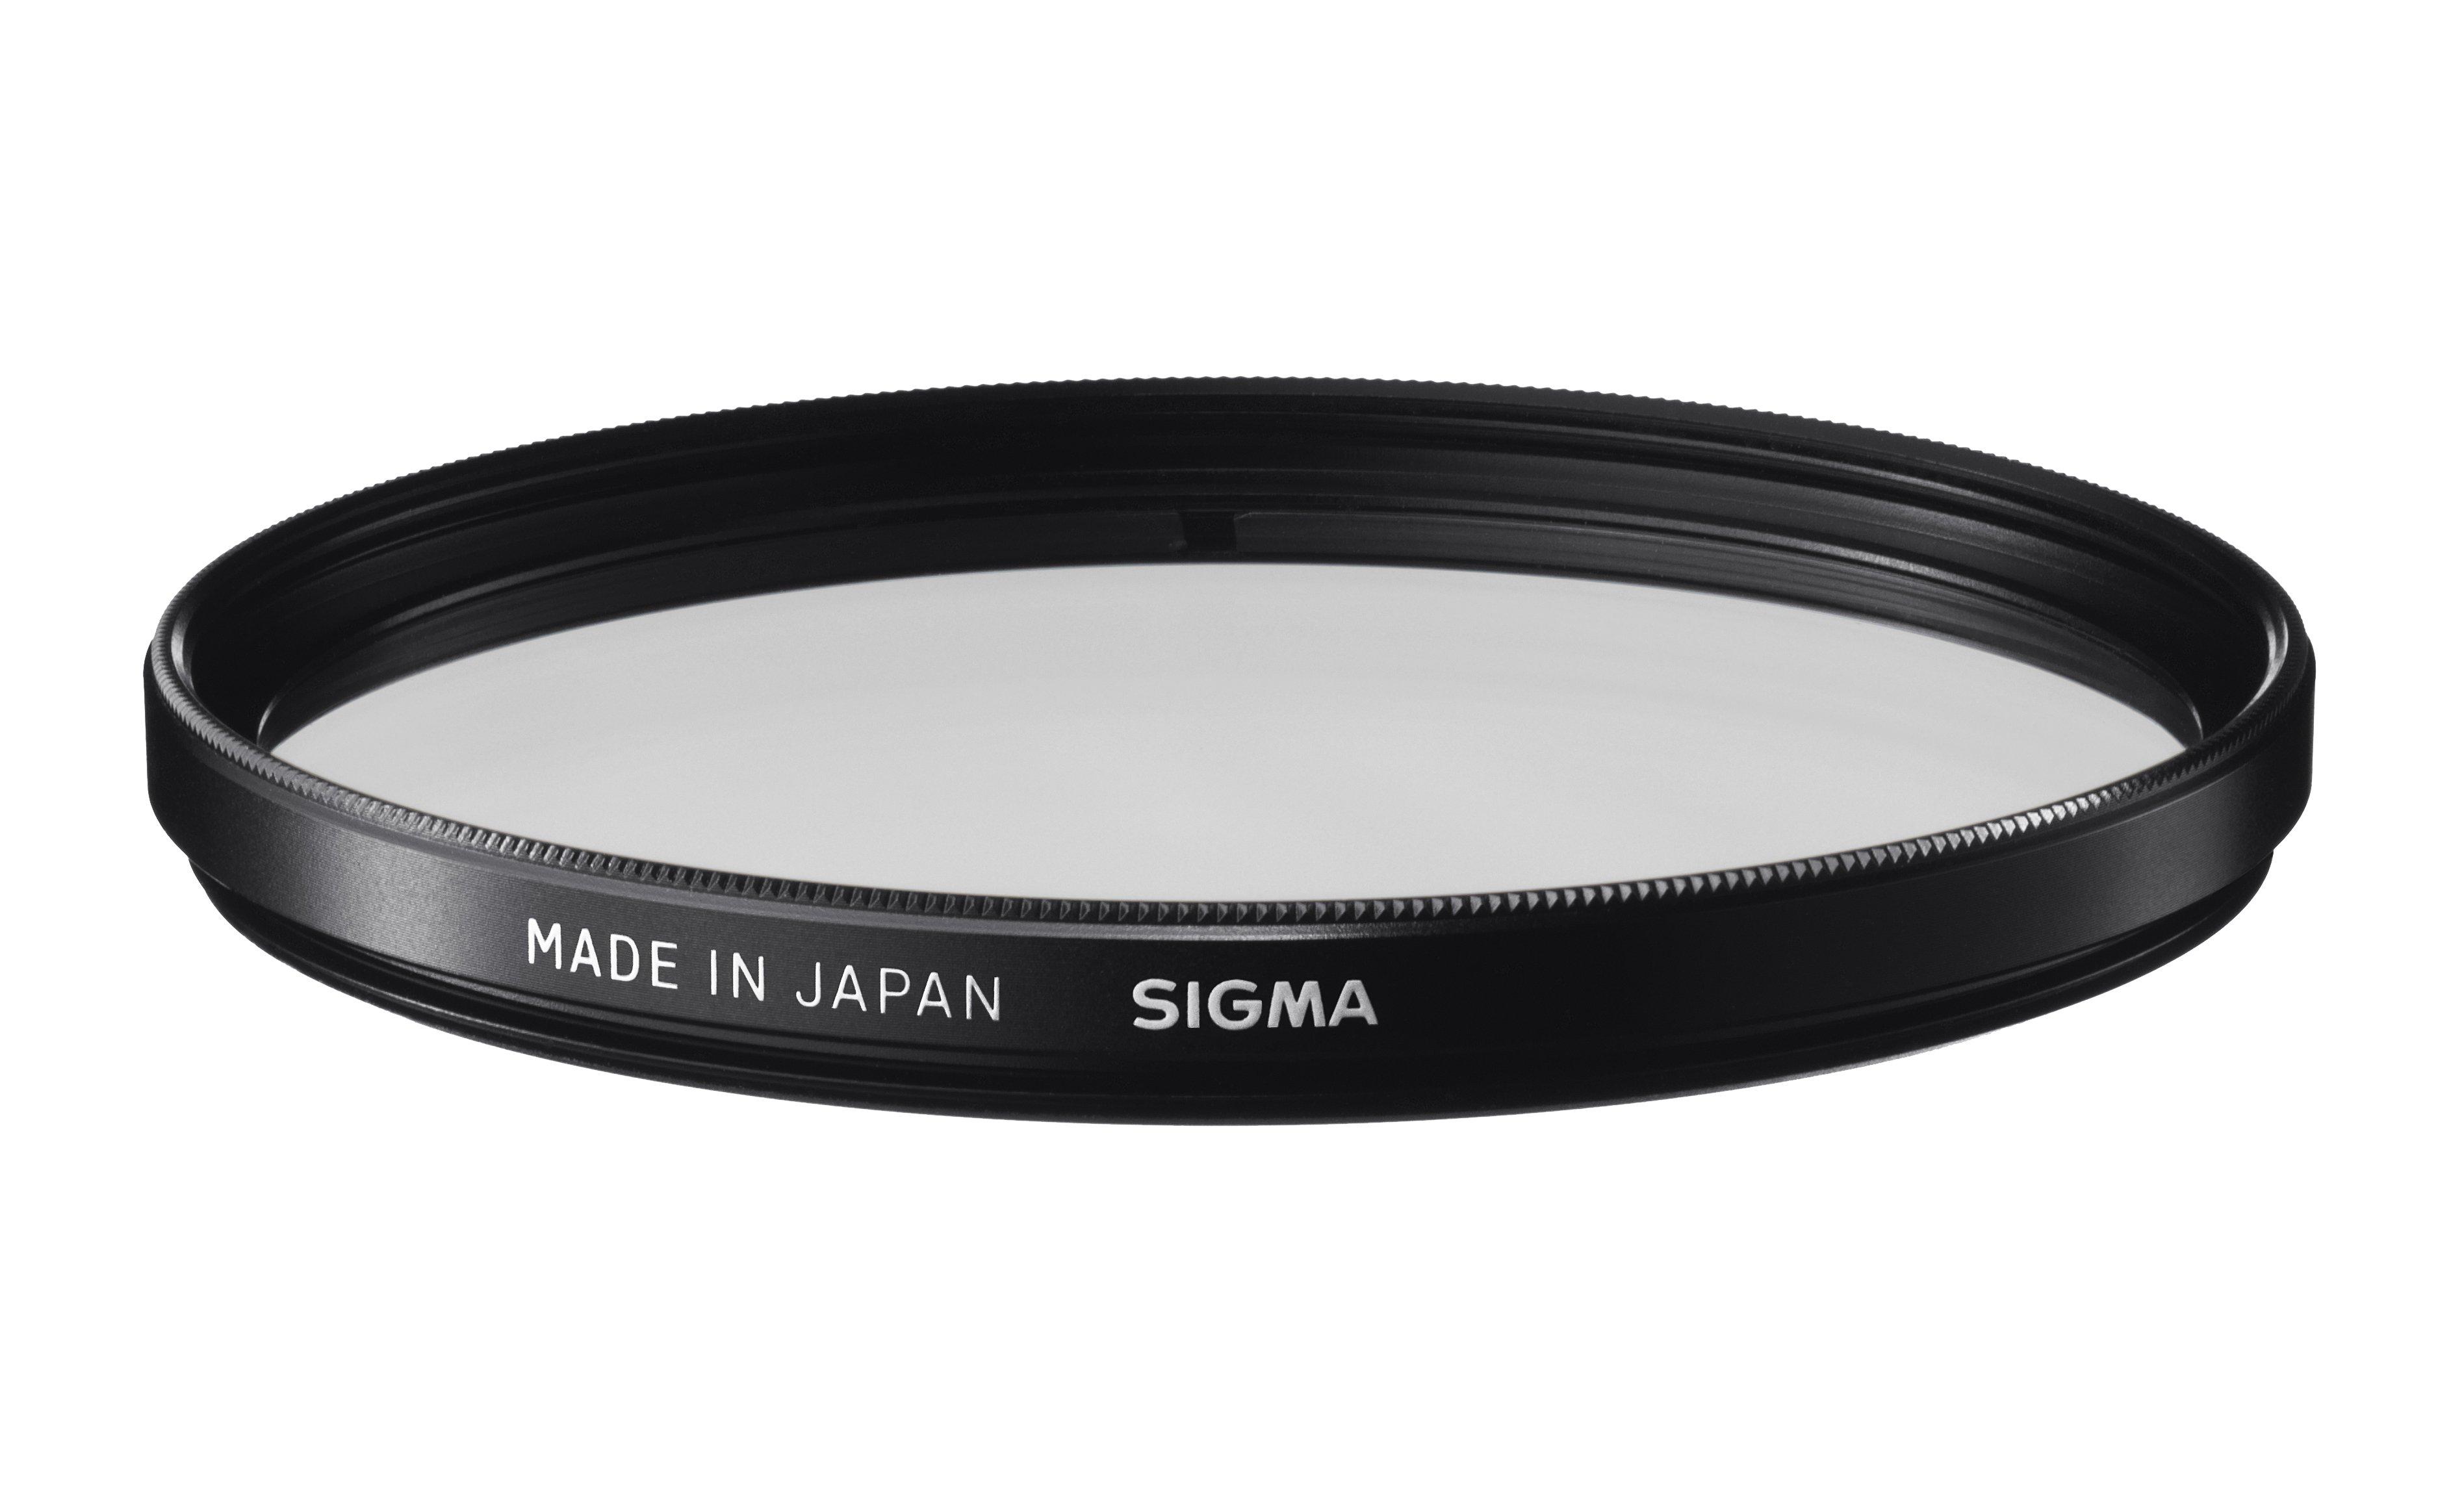 SIGMA filtr ochranný 82 mm WR